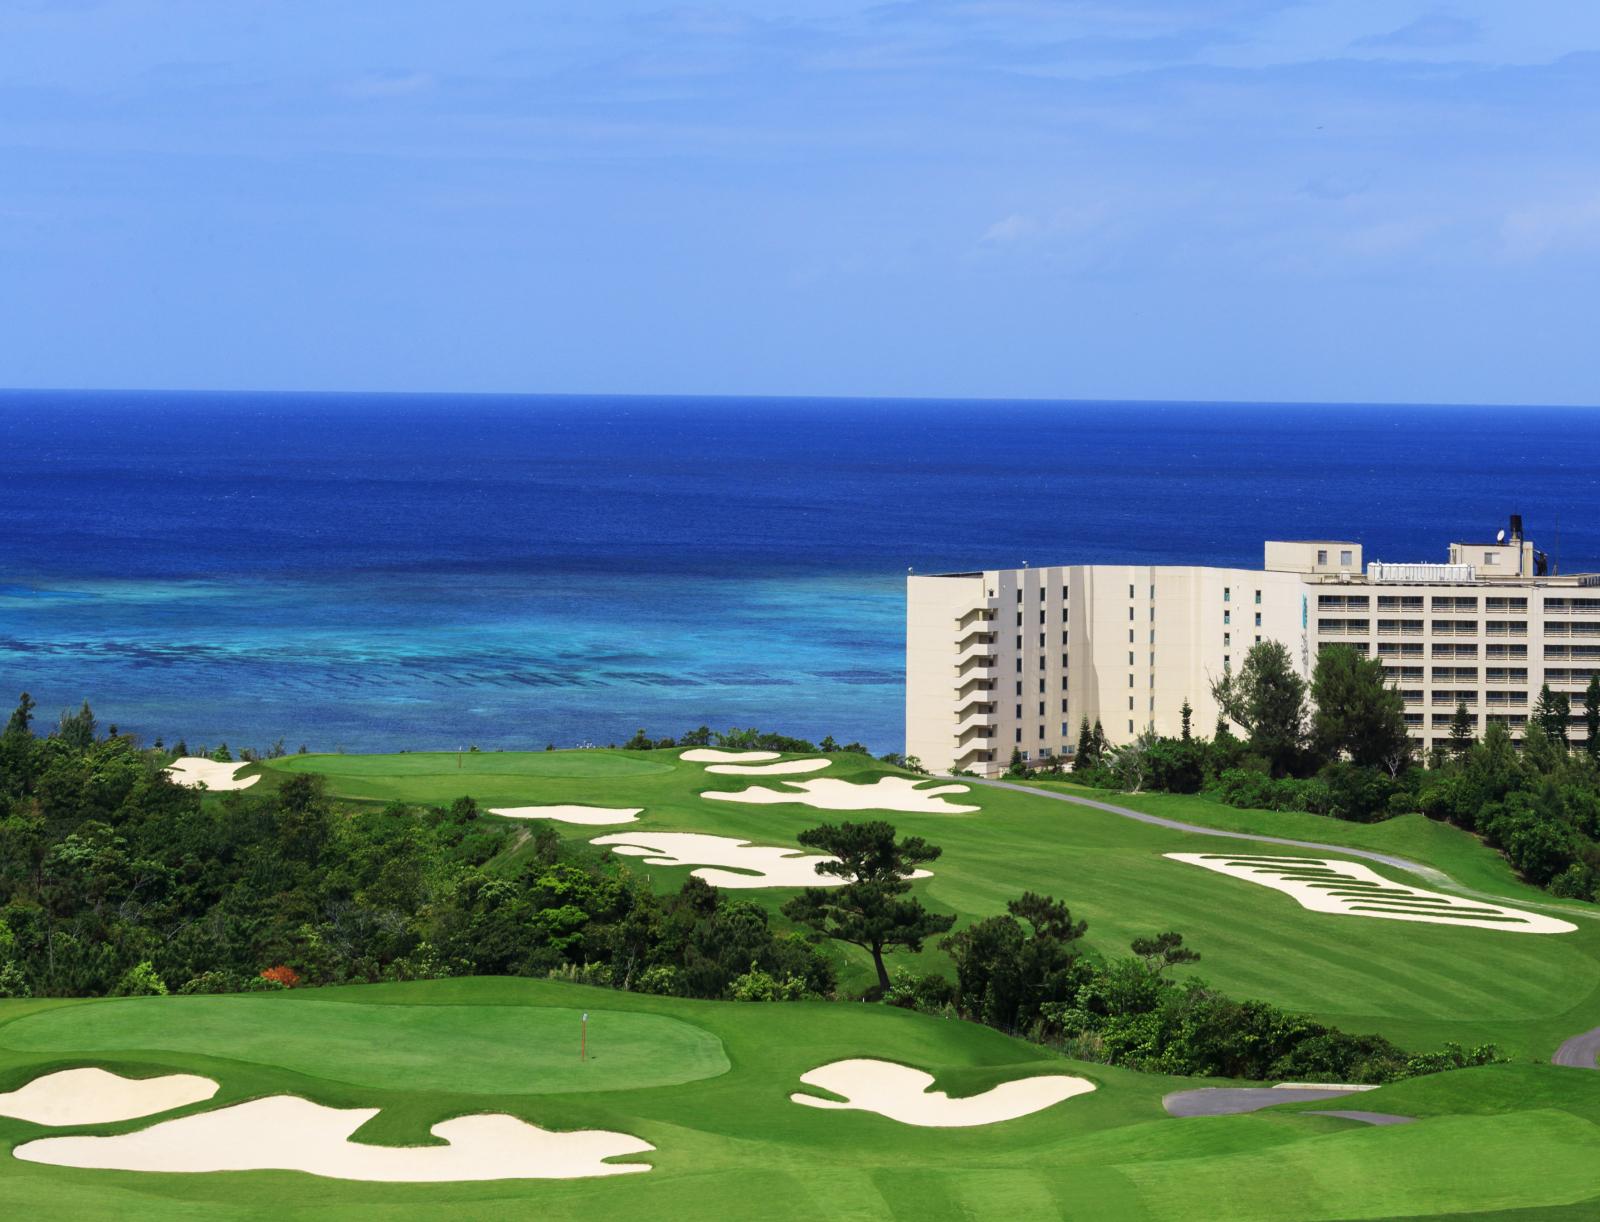 PGMゴルフリゾート沖縄